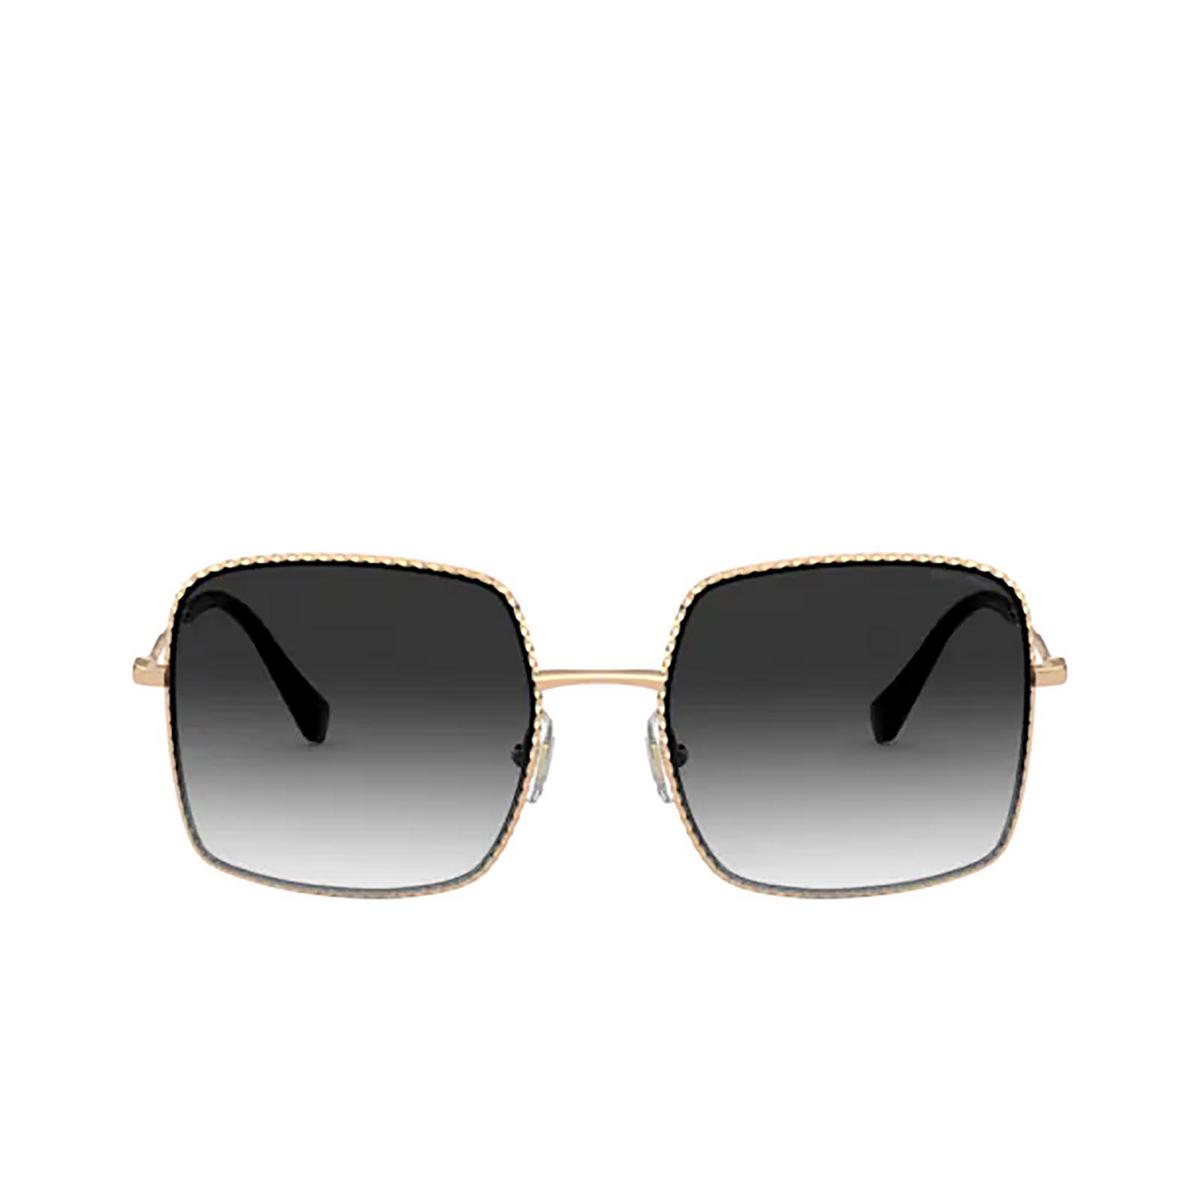 Miu Miu® Square Sunglasses: MU 61VS color Antique Gold 7OE5D1.